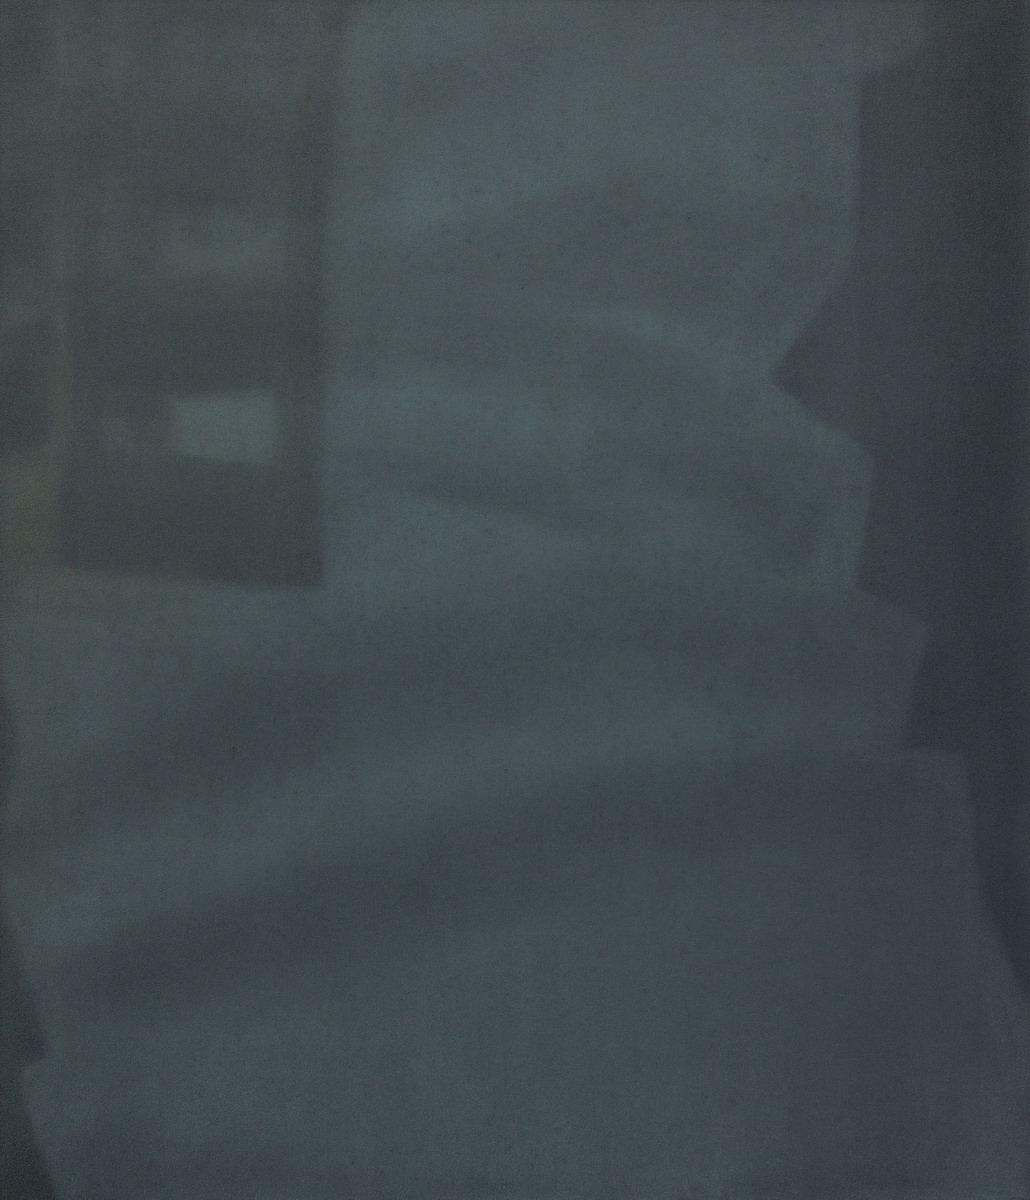 Camera obscura 3, olej na plotnie, 70 x 60 cm, 2017_resize